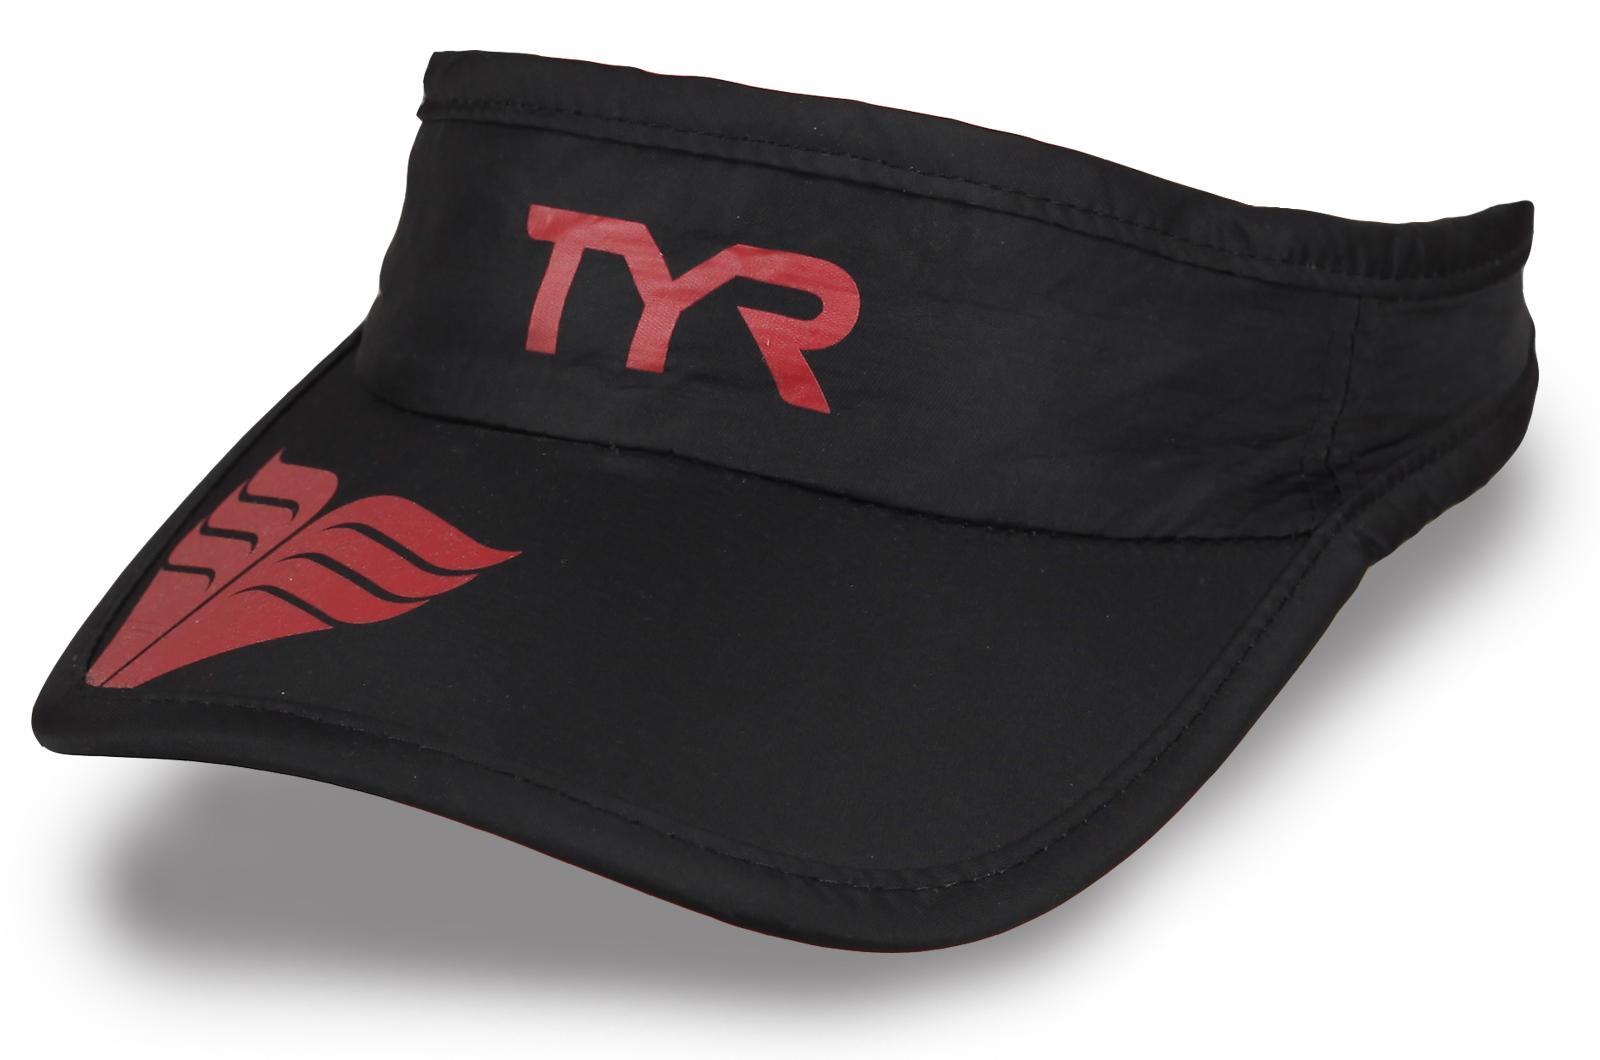 Козырек с британским логотипом TVR